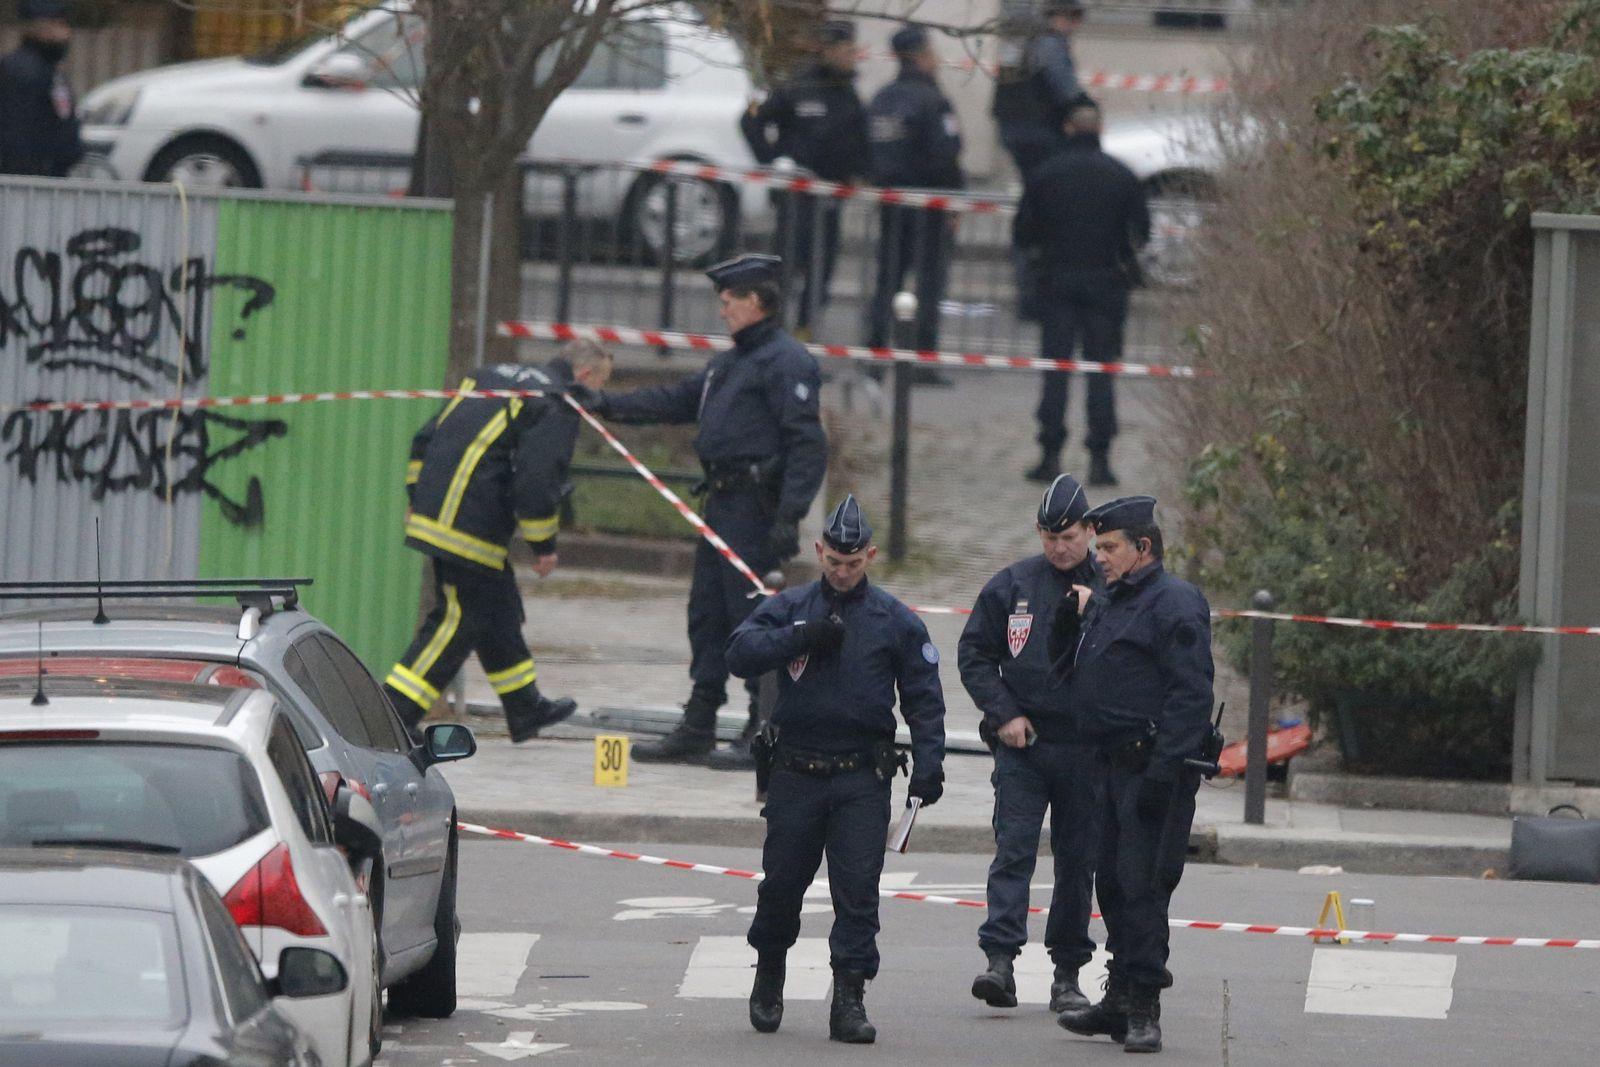 Anschlag/ Charlie Hebdo 2015